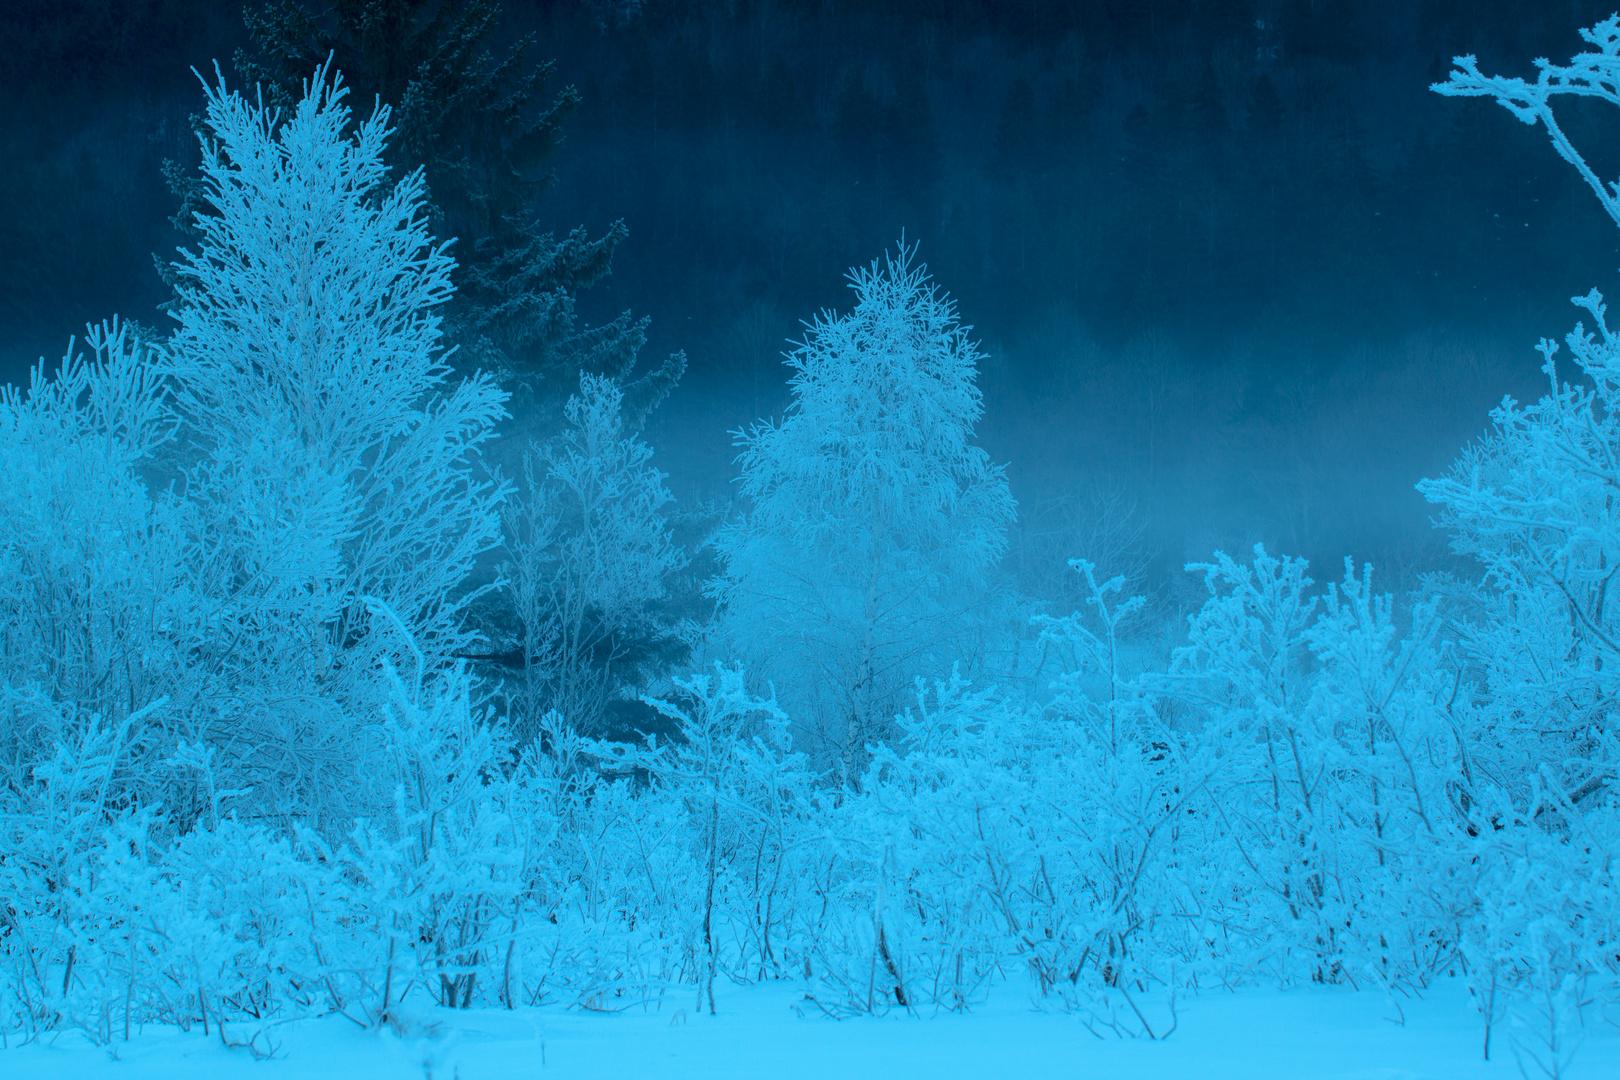 Sehr kalt ....